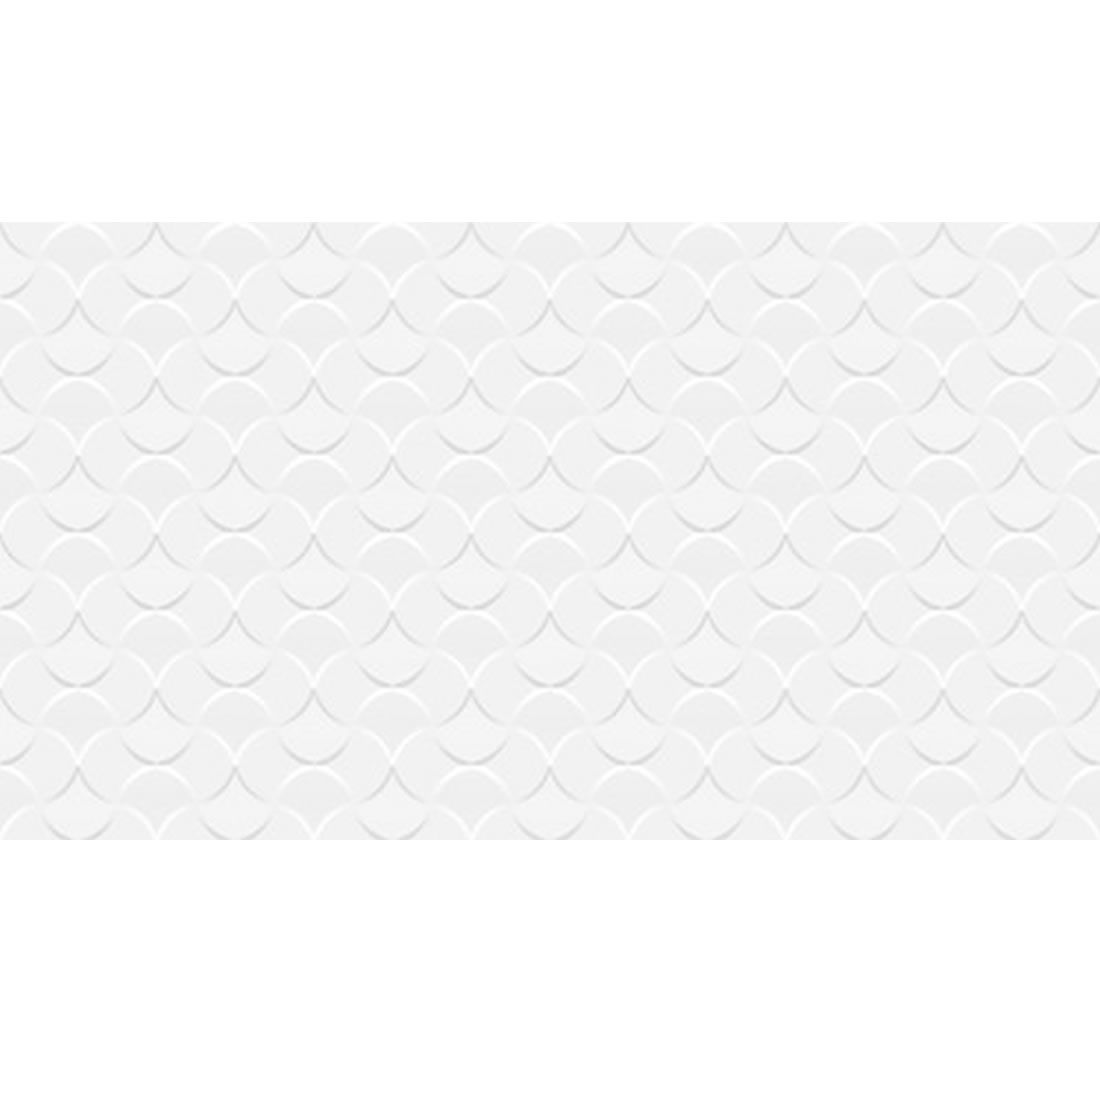 Revestimento Incopisos 32x57,5 Ref: 60126 Extra